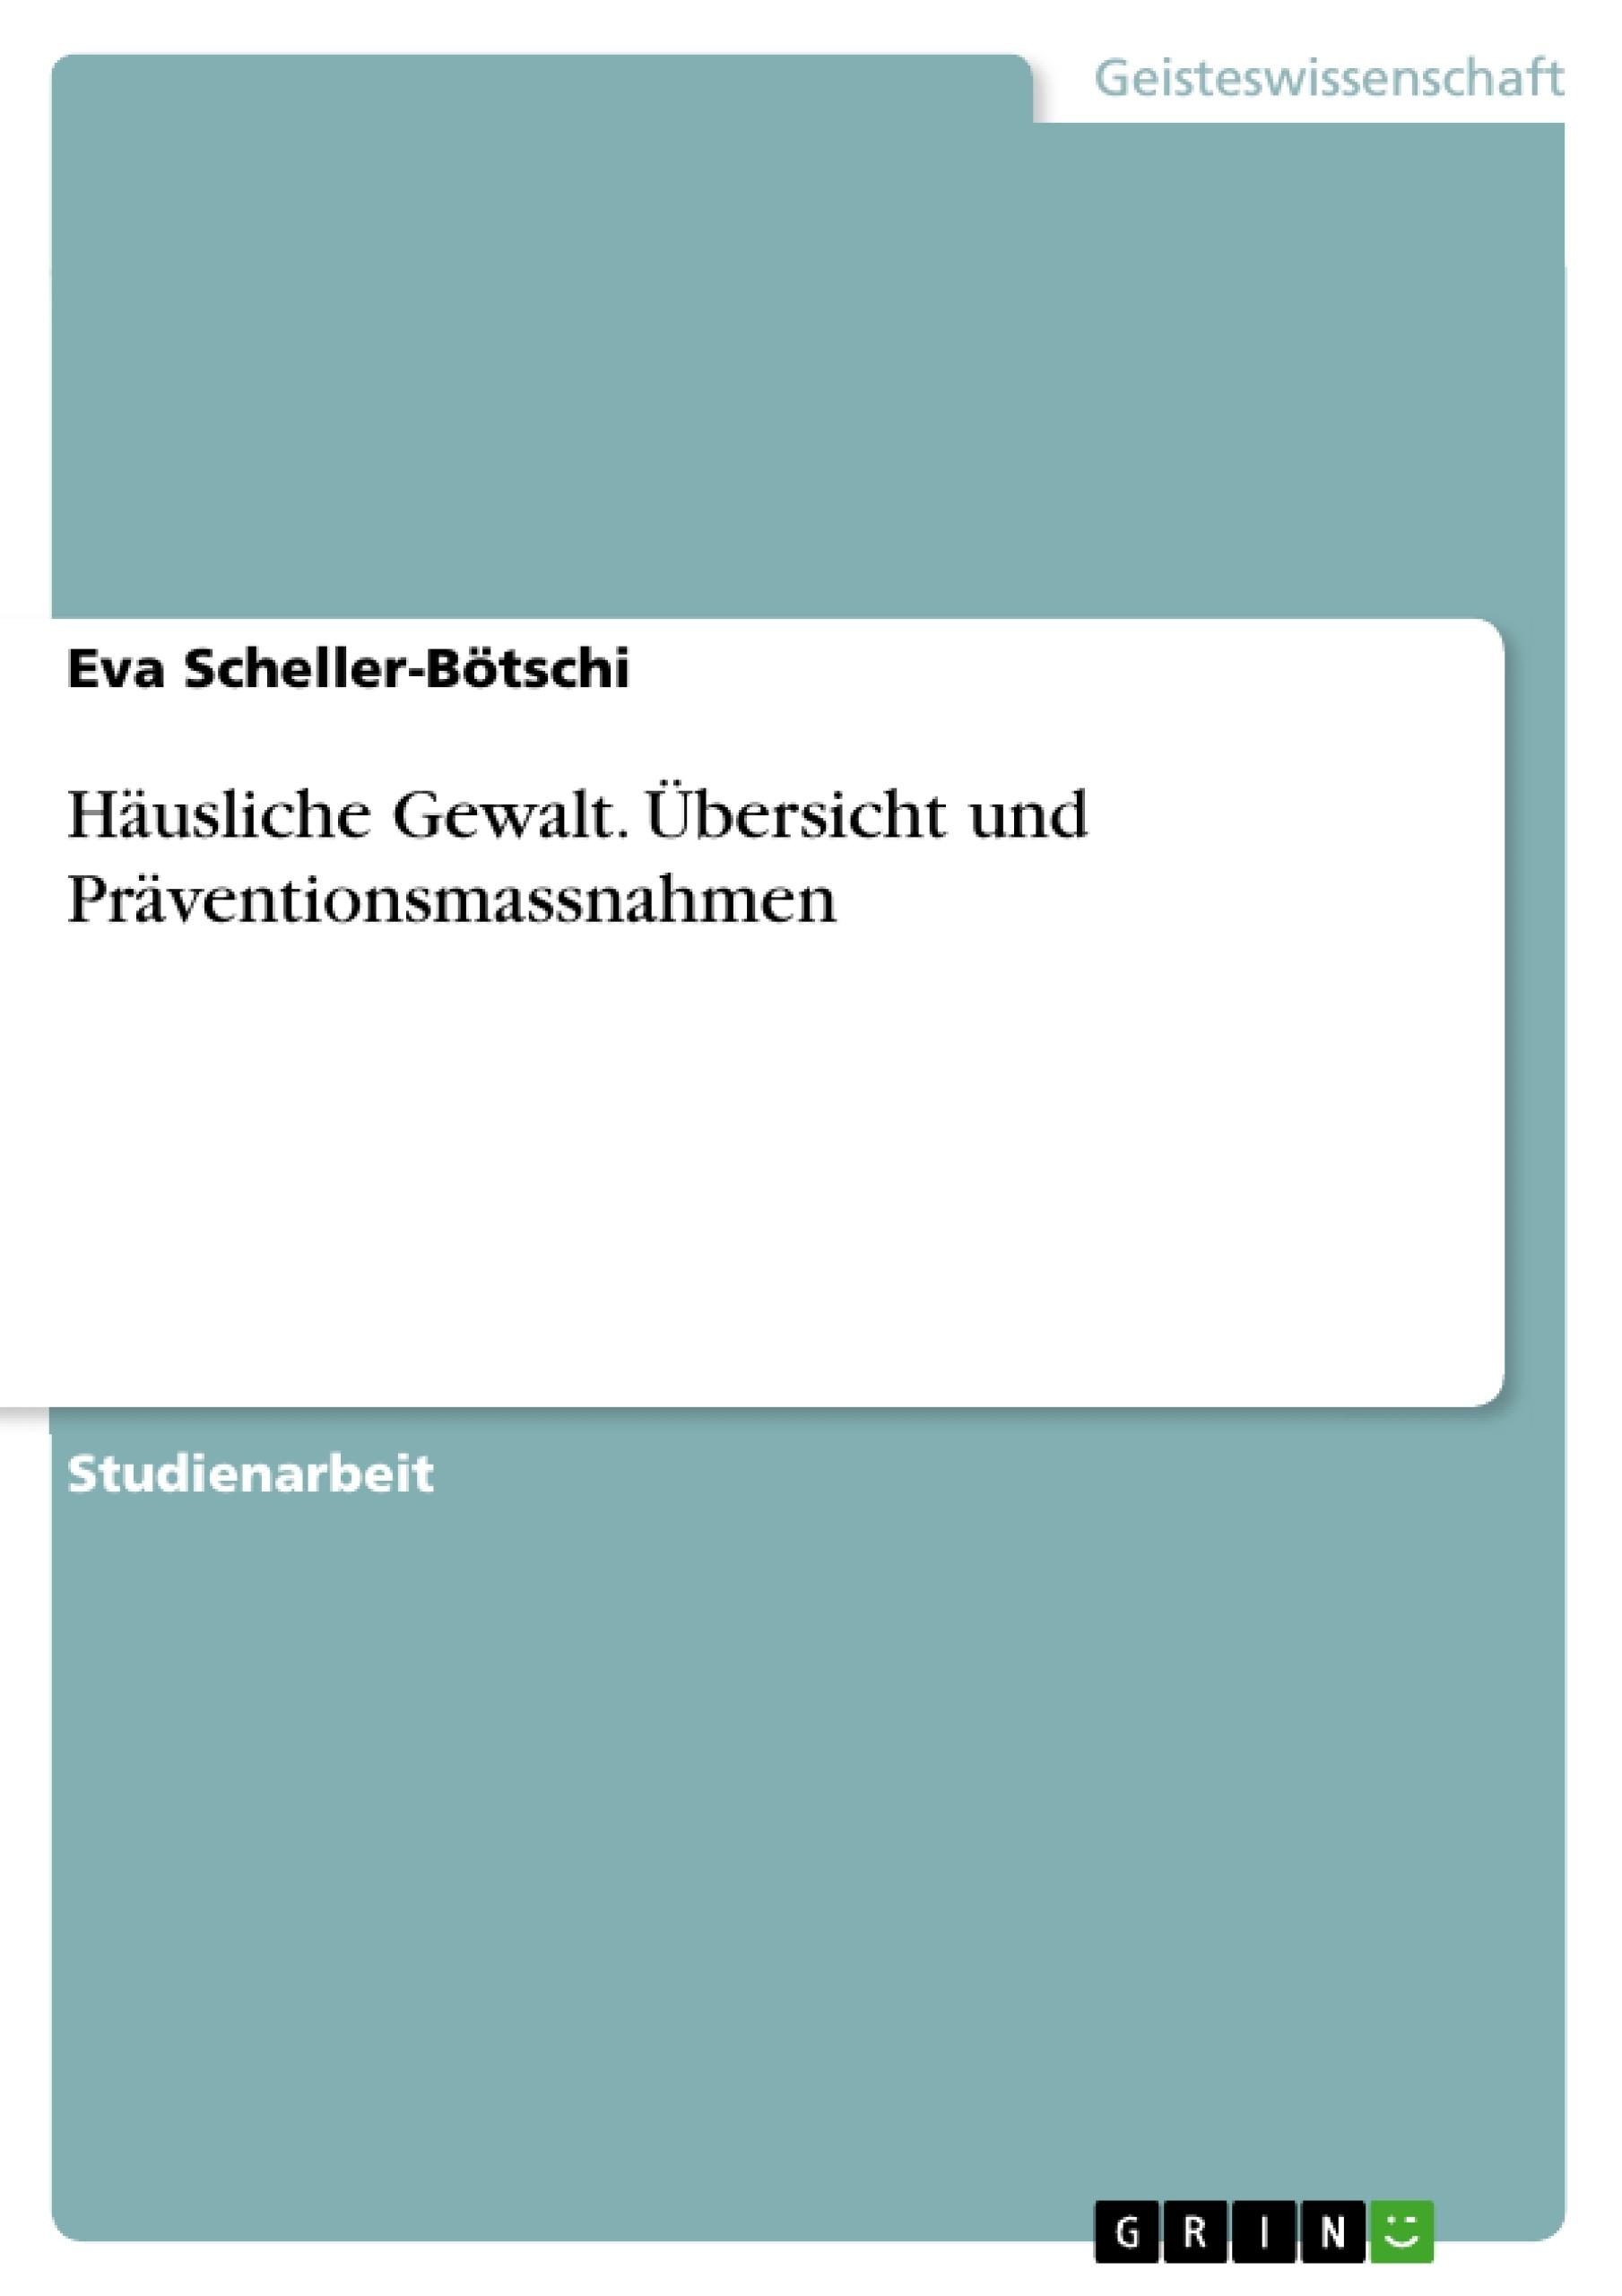 Titel: Häusliche Gewalt. Übersicht und Präventionsmassnahmen